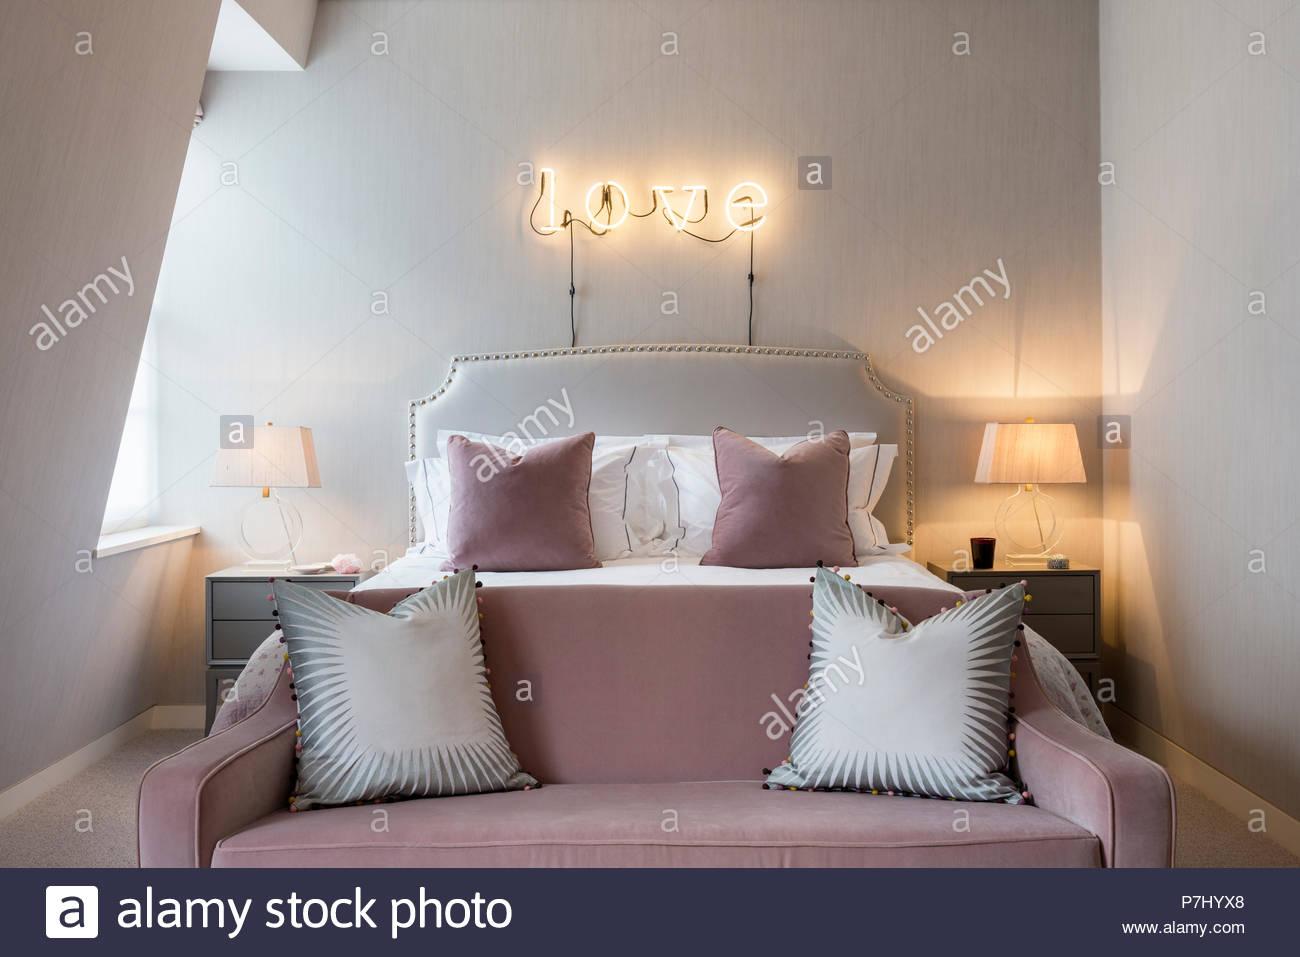 Neon Sign Above Bed In Feminine Bedroom